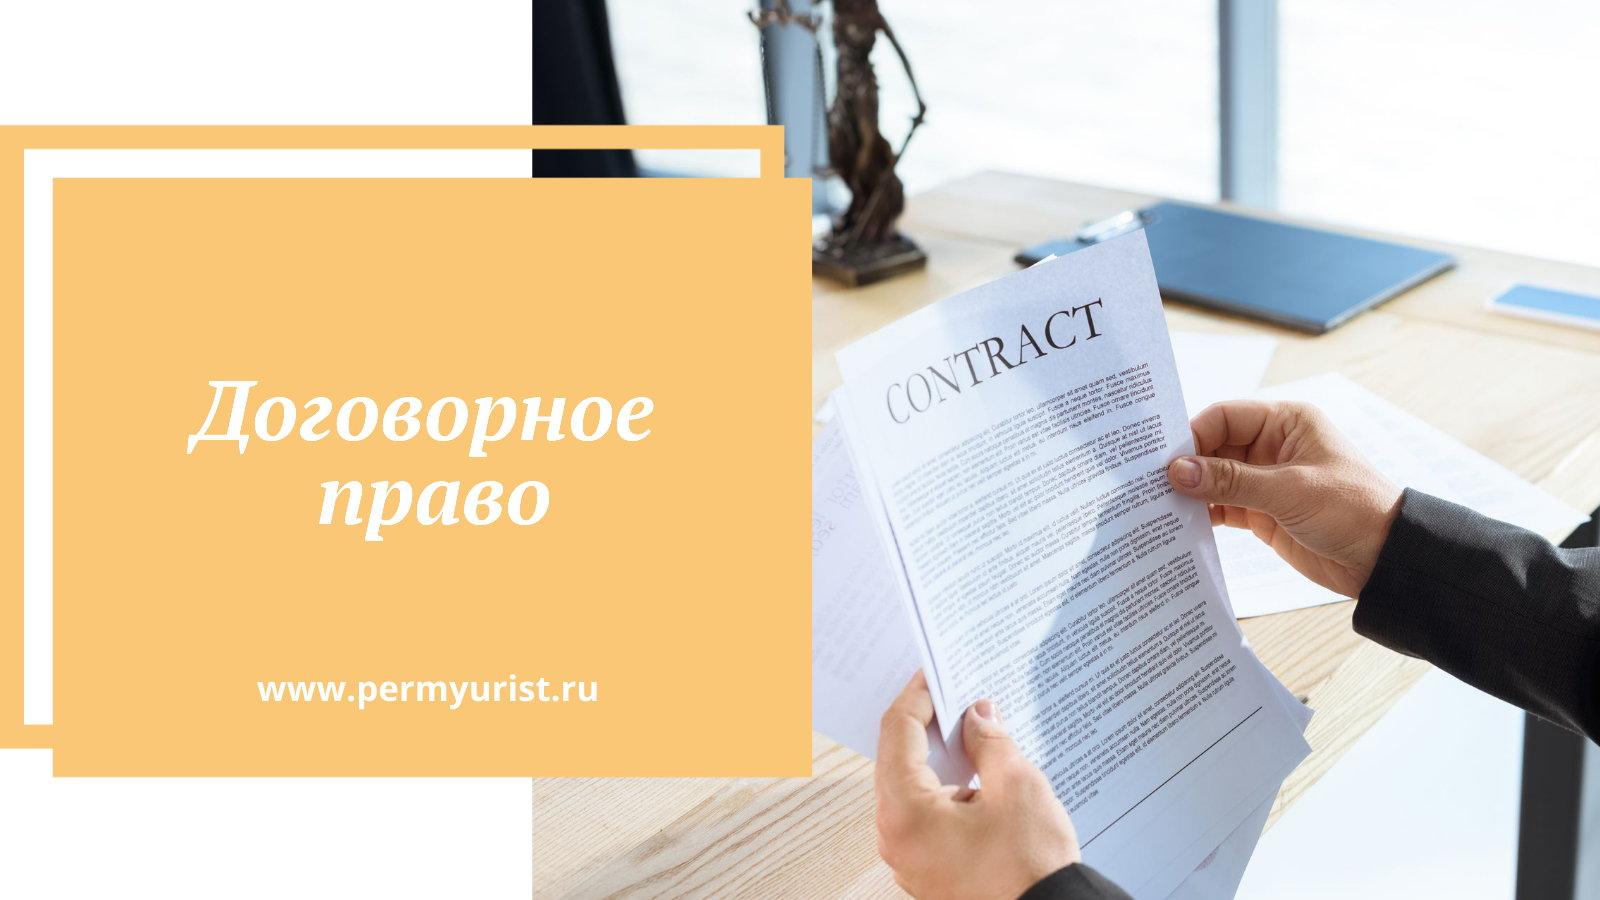 Юрист по договорам,Юрист по договорному праву от компании Юрист Пермь